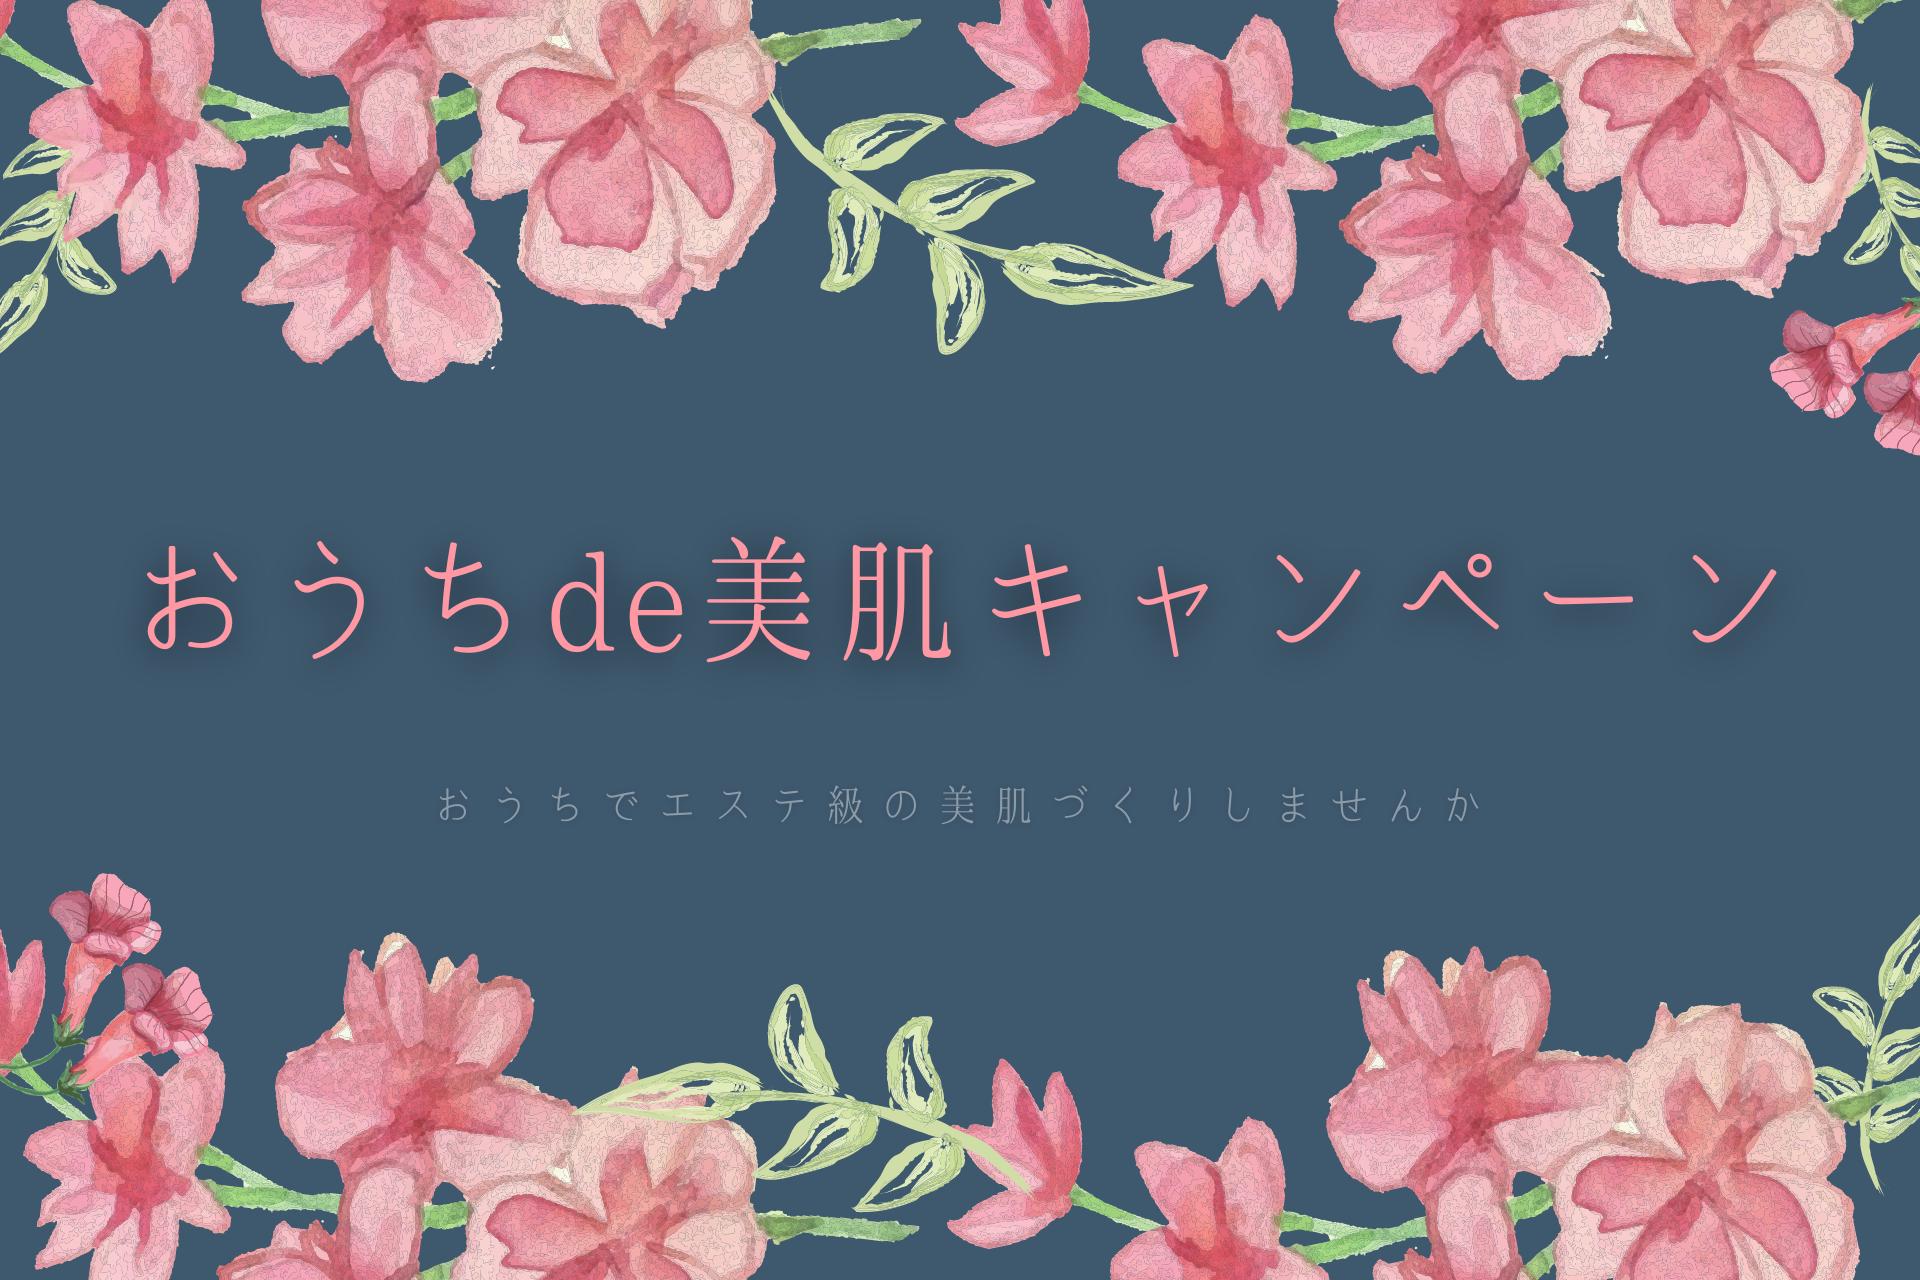 おうちde美肌キャンペーン